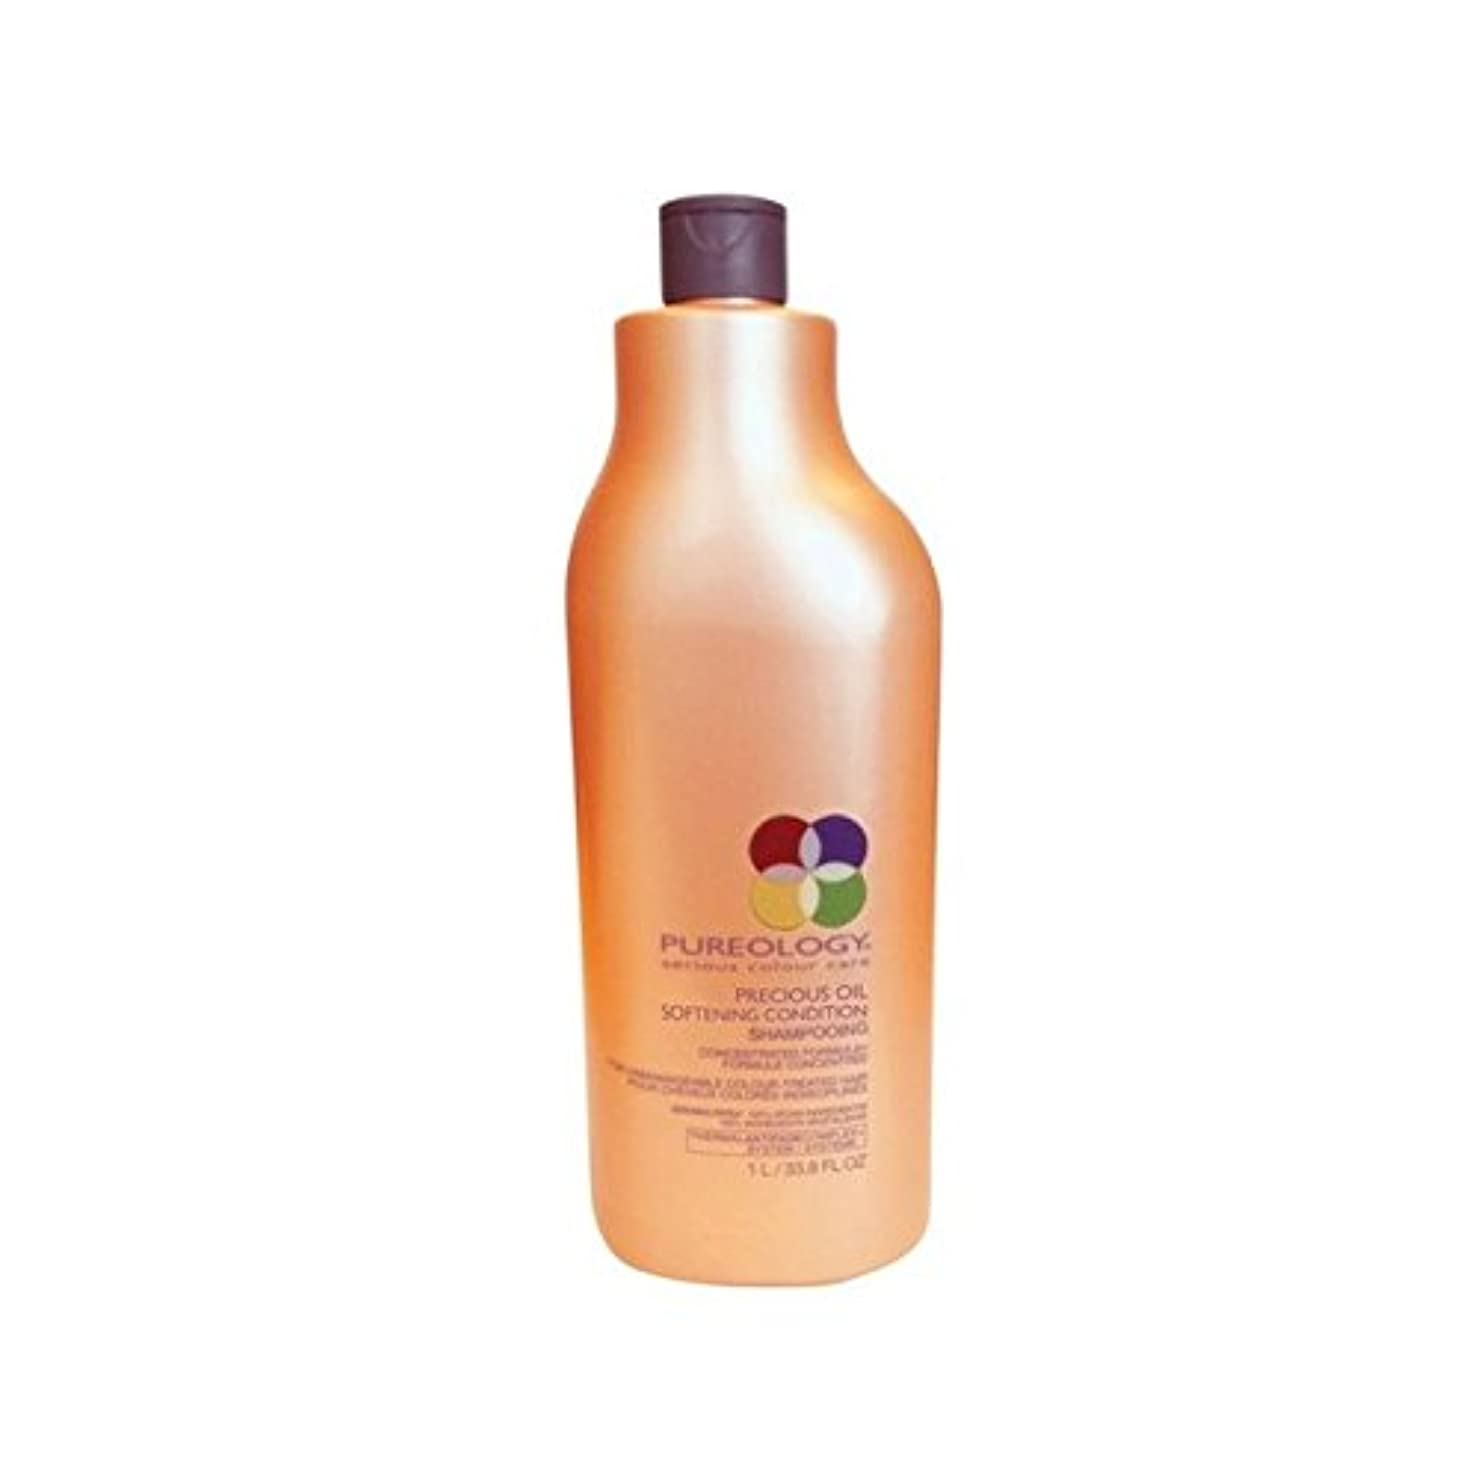 ボーカル基礎理論ガレージPureology Precious Oil Conditioner (1000ml) - 貴重なオイルコンディショナー(千ミリリットル) [並行輸入品]